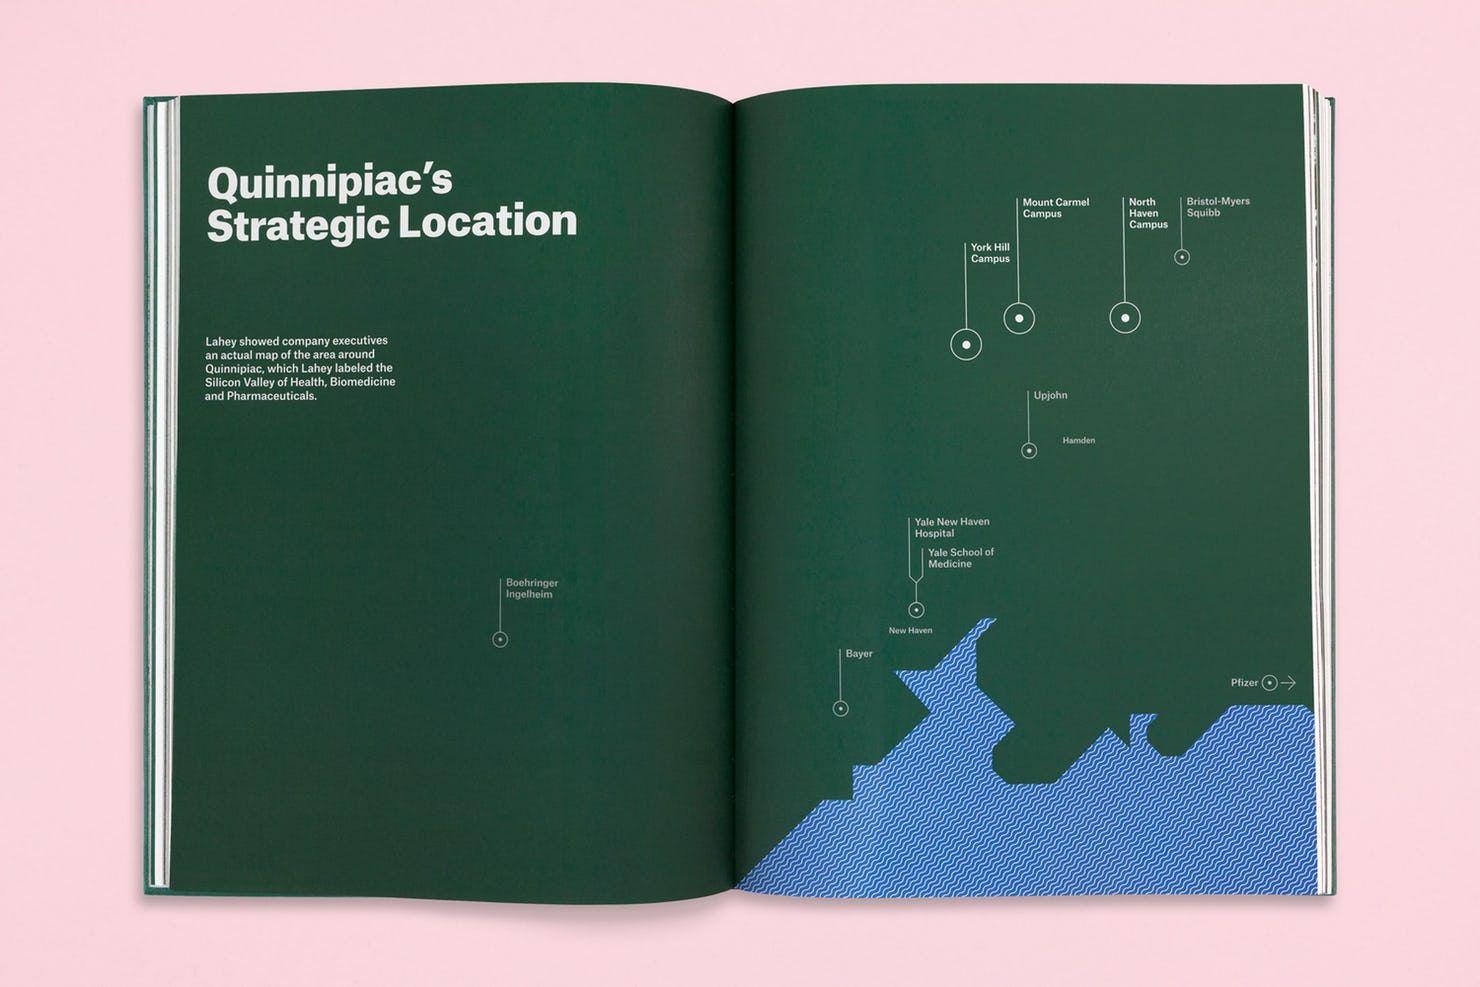 256 Best Information Design images in 2020 | Information